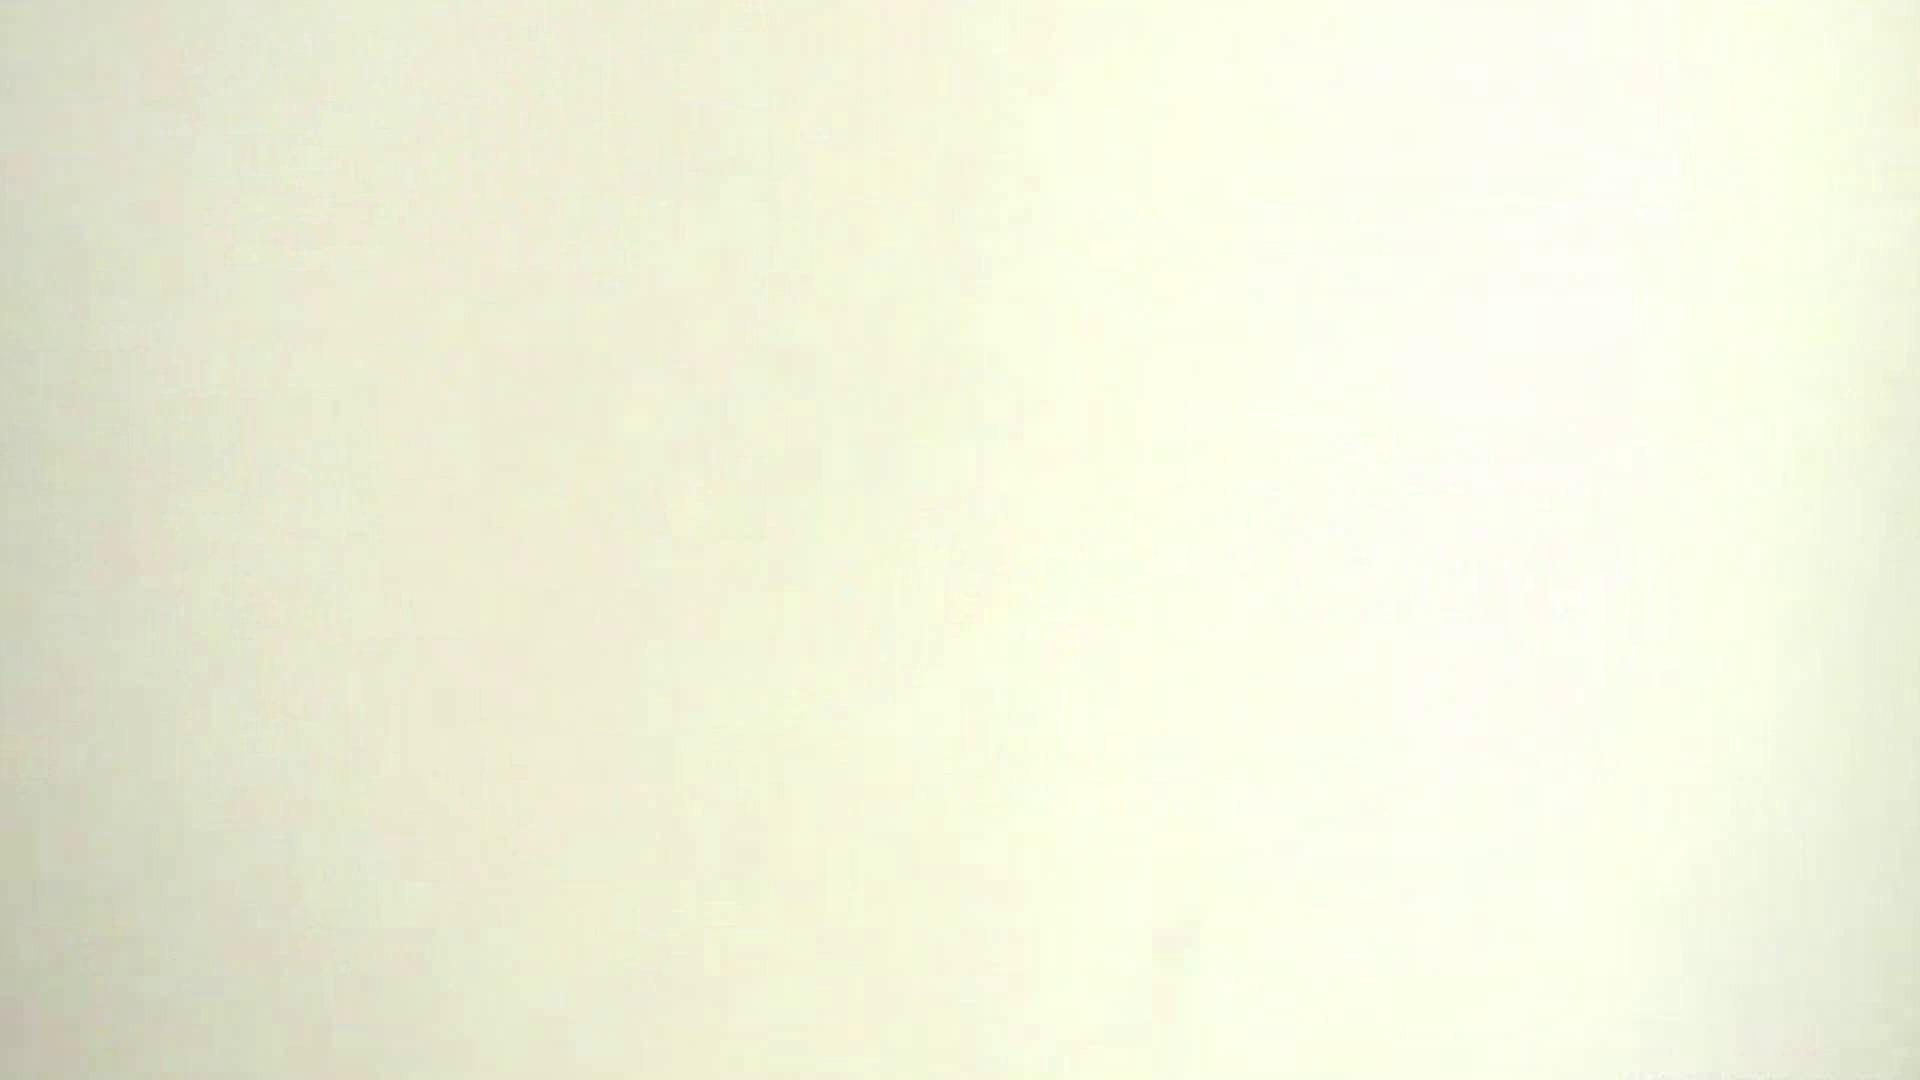 ロックハンドさんの盗撮記録File.02 マンコエロすぎ ワレメ動画紹介 109PIX 35